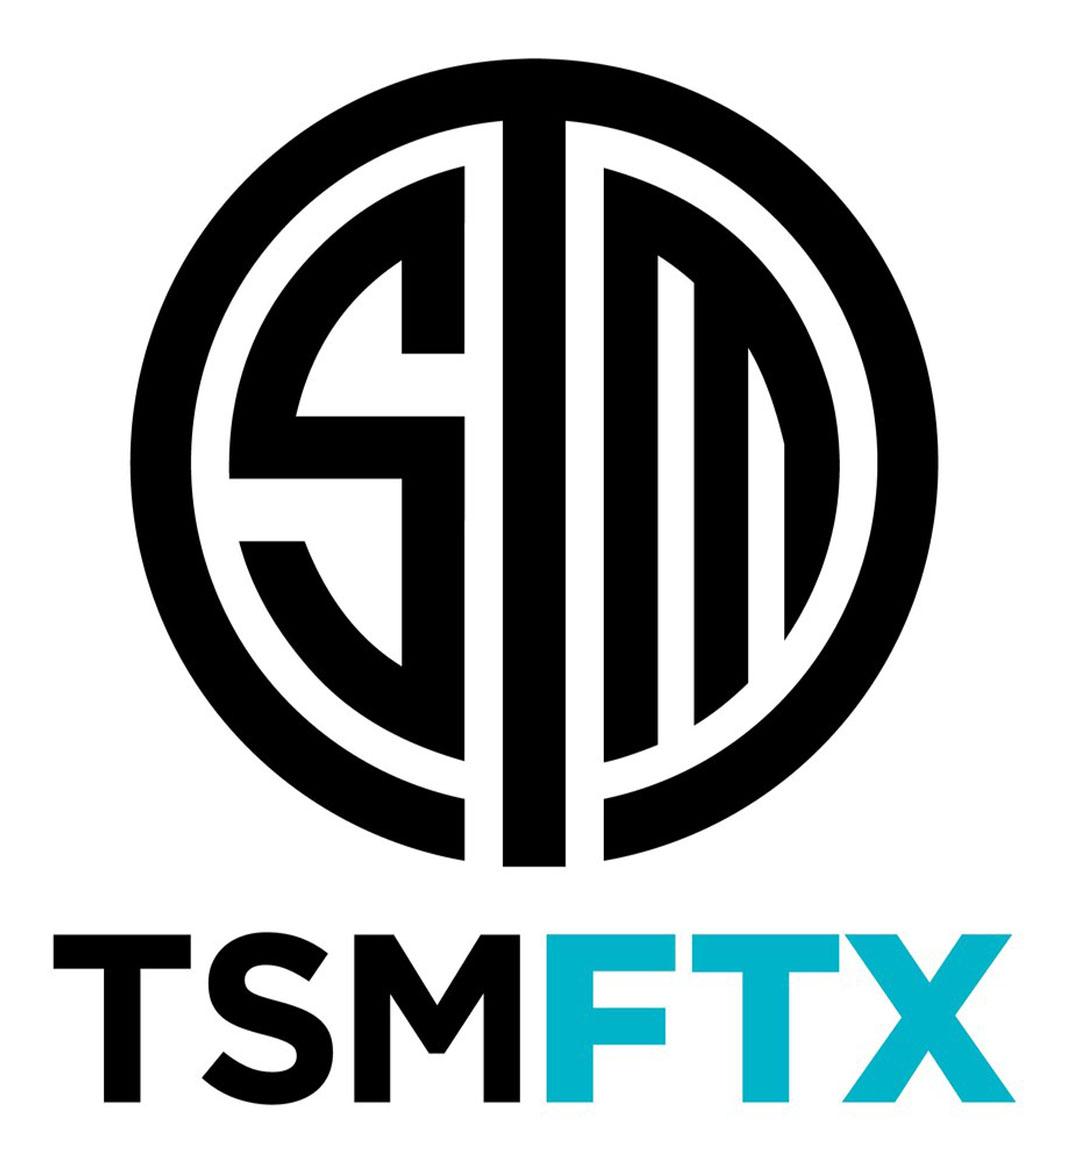 tsm ftx logo mobile